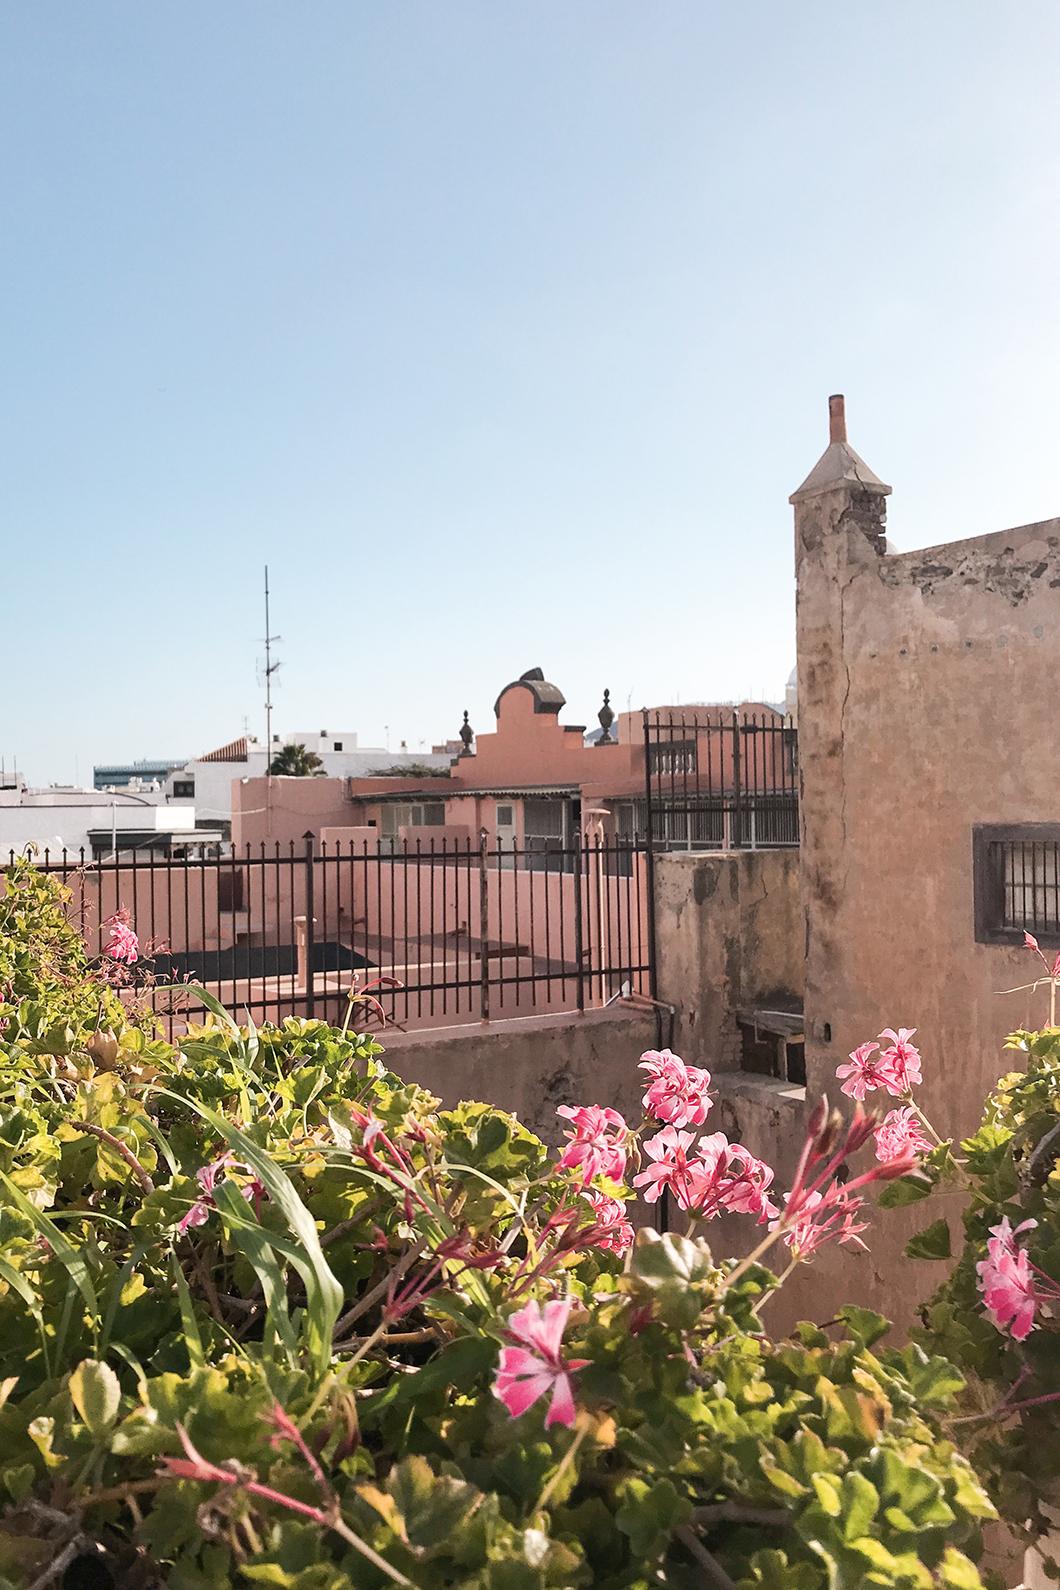 Veintiuno Hotel, hotel au coeur de Las Palmas de Gran Canaria